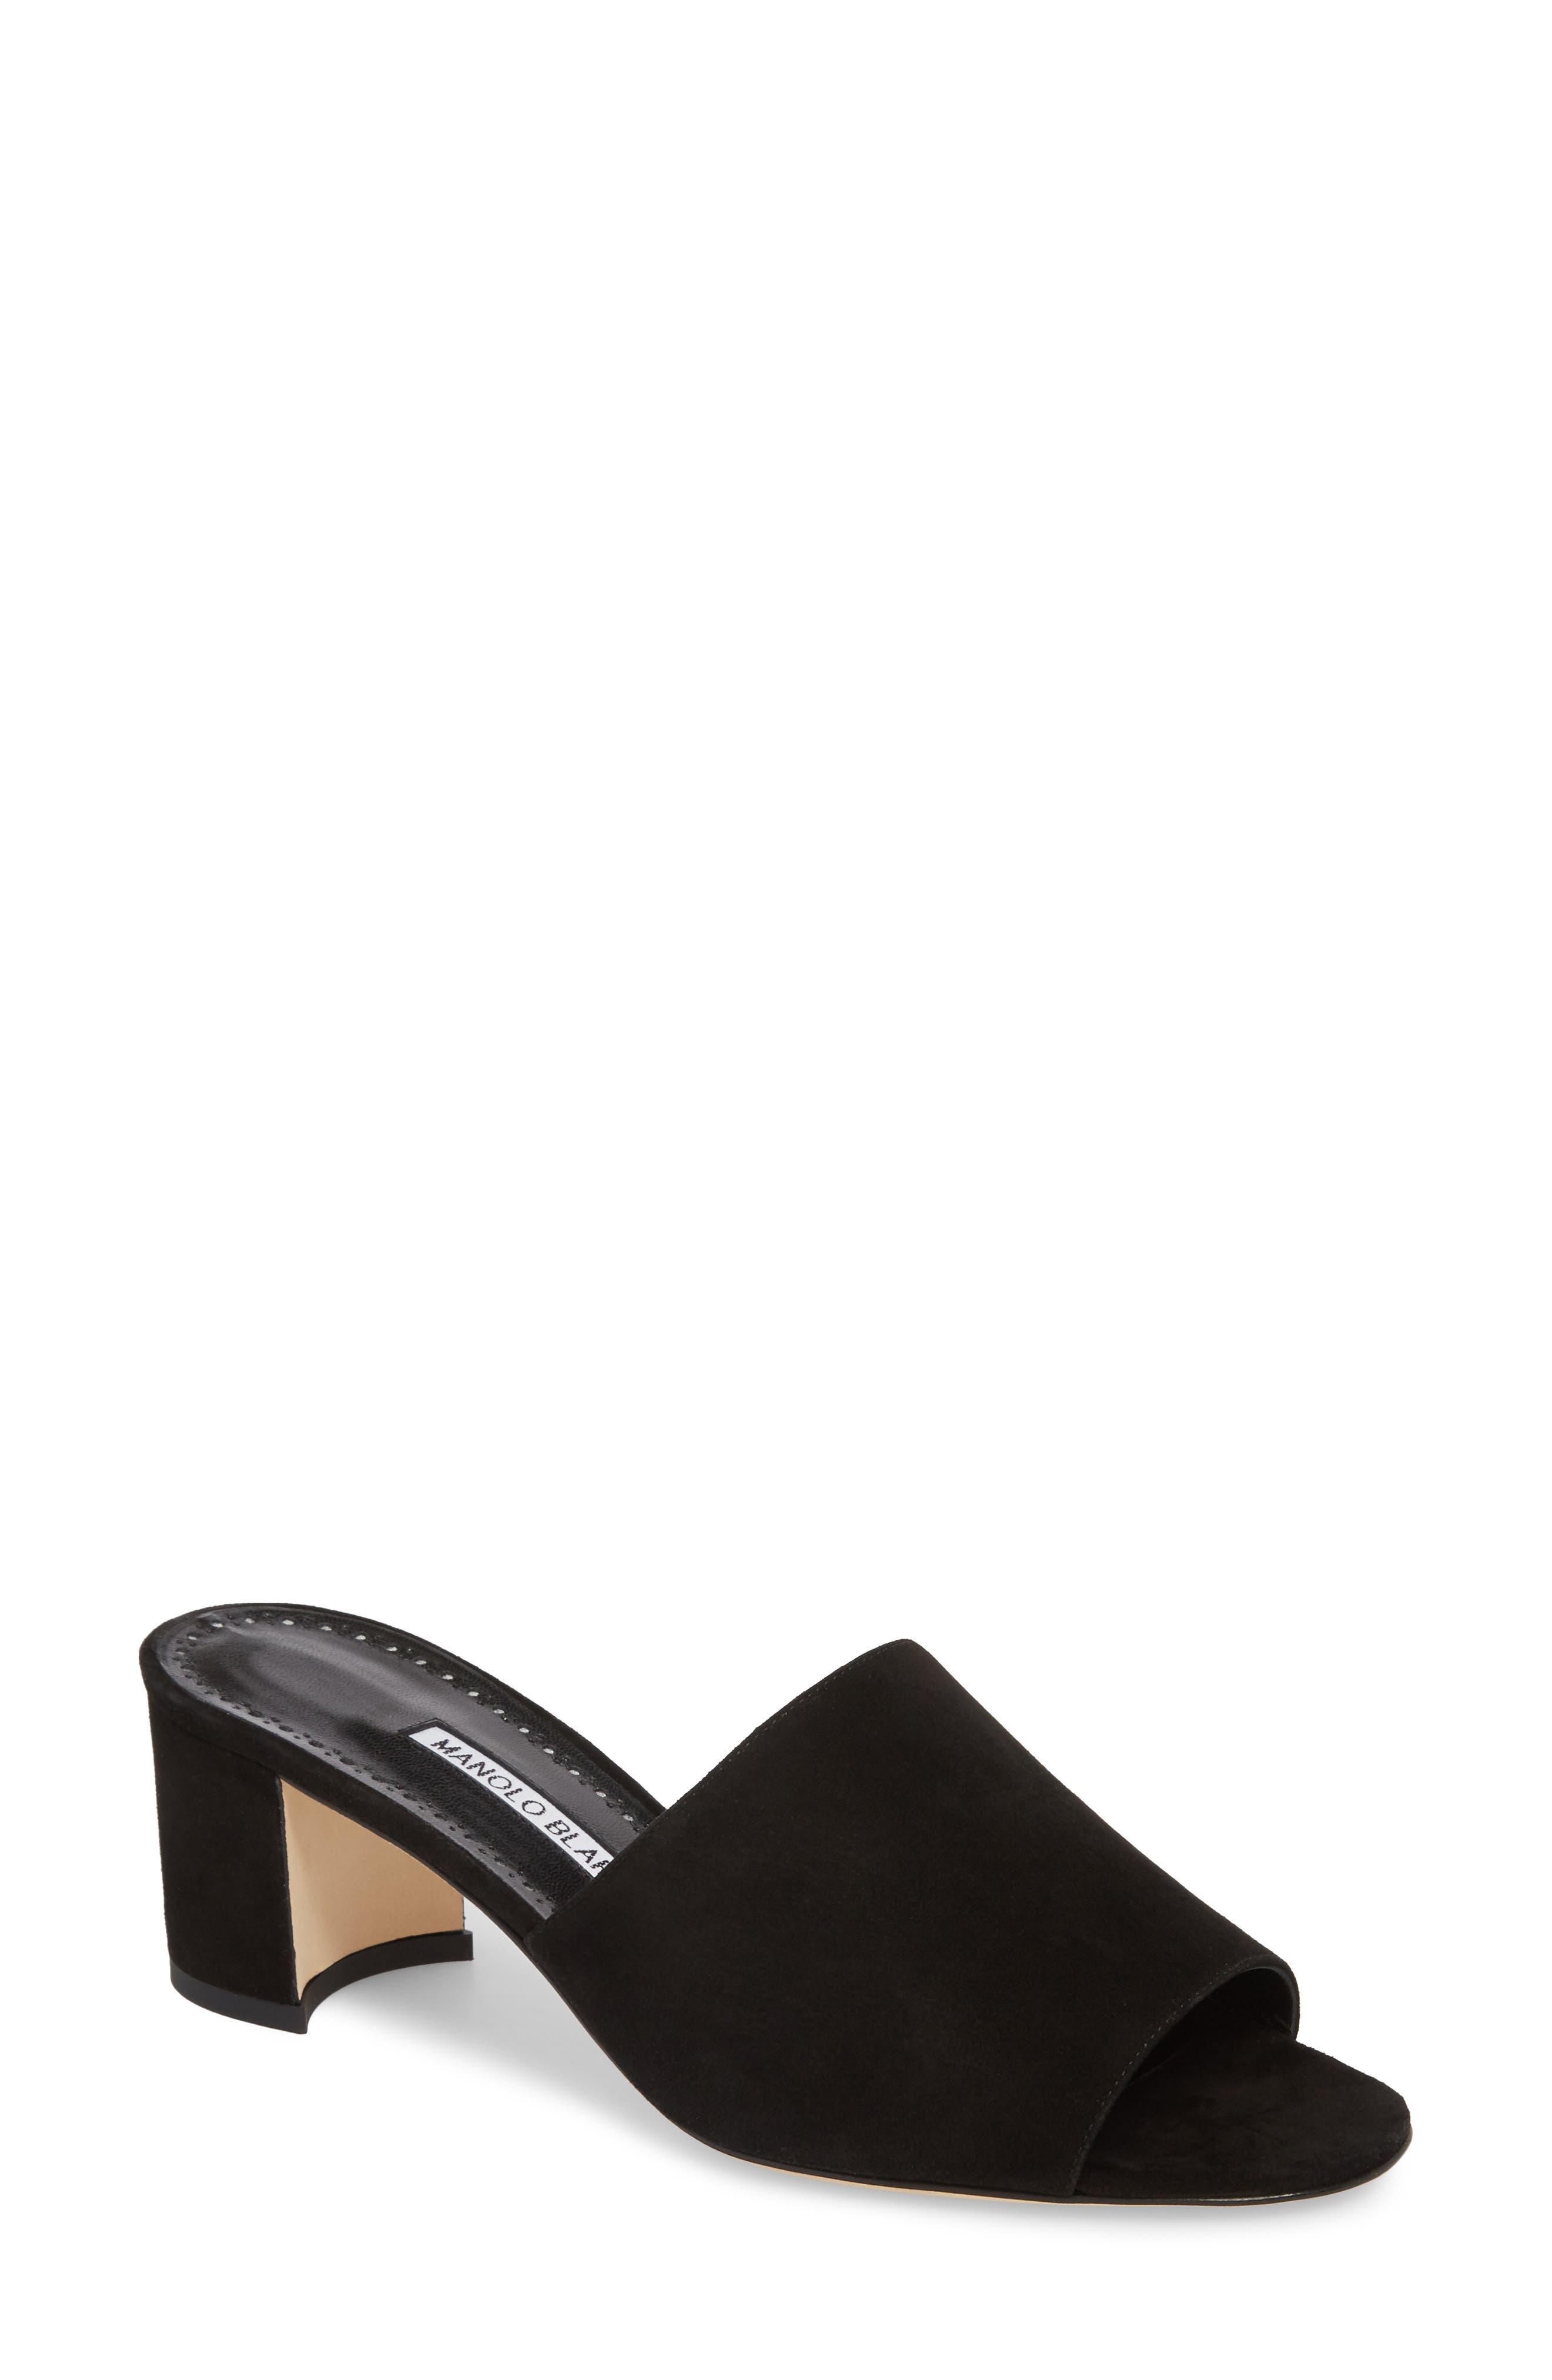 MANOLO BLAHNIK Rapallato Slide Sandal, Main, color, 001